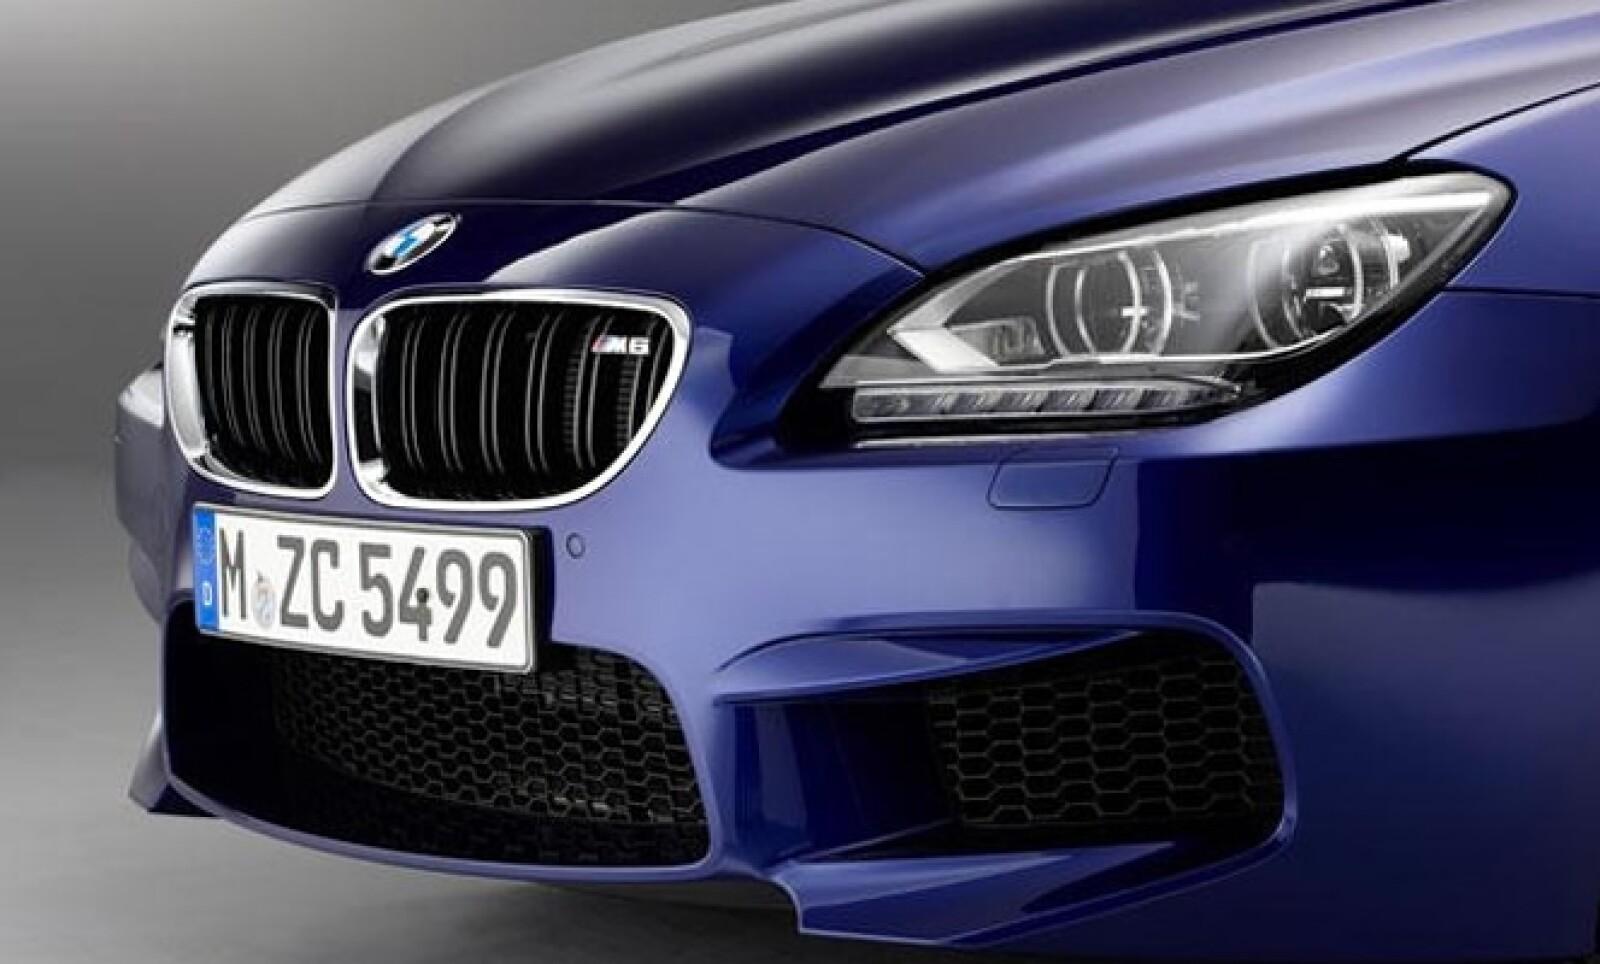 El diseño exterior del BMW M6 responde a las líneas características de la serie, que conjugan elegancia con dinamismo.